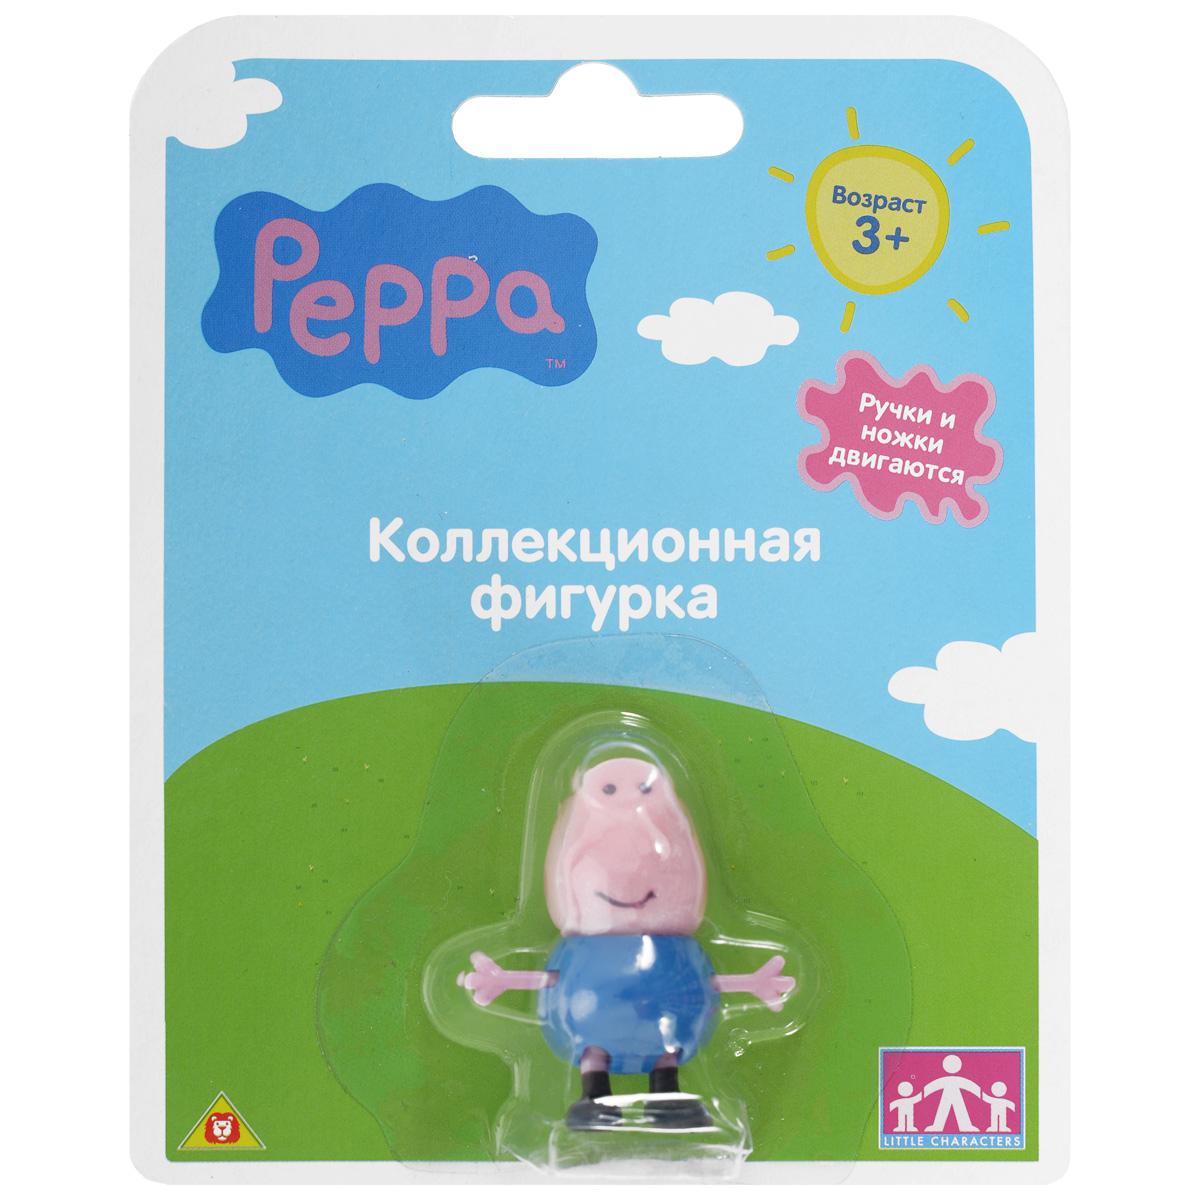 Фигурка Peppa Pig Любимый персонаж. Хрюша, цвет: синий15555_синийФигурка Peppa Pig Любимый персонаж. Хрюша, созданная по мотивам мультсериала Peppa Pig привлечет внимание вашего малыша и станет для него любимой игрушкой, он будет часами играть с фигуркой, придумывая различные истории с участием любимого героя. Ручки и ножки фигурки подвижны. Игра с фигуркой разовьет воображение, мелкую моторику рук ребенка, поможет овладеть навыками общения и научит ролевым играм. Порадуйте его таким замечательным подарком! Пеппа - это веселая свинка из доброго, смешного и познавательного мультипликационного сериала Peppa Pig. Она играет с братиком Джорджем и своими друзьями, обожает прыгать в лужах, наряжаться. Каждая серия - это новое приключение свинки, которое несет полезные знания маленьким зрителям. А теперь они могут не только смотреть на этих забавных персонажей, но и играть с ними! Дети будут рады перевоплотиться в свинку Пеппу, маленького Джорджа, овечку Сьюзи или кролика Ребекку. Такая сюжетно-ролевая игра - настоящая...